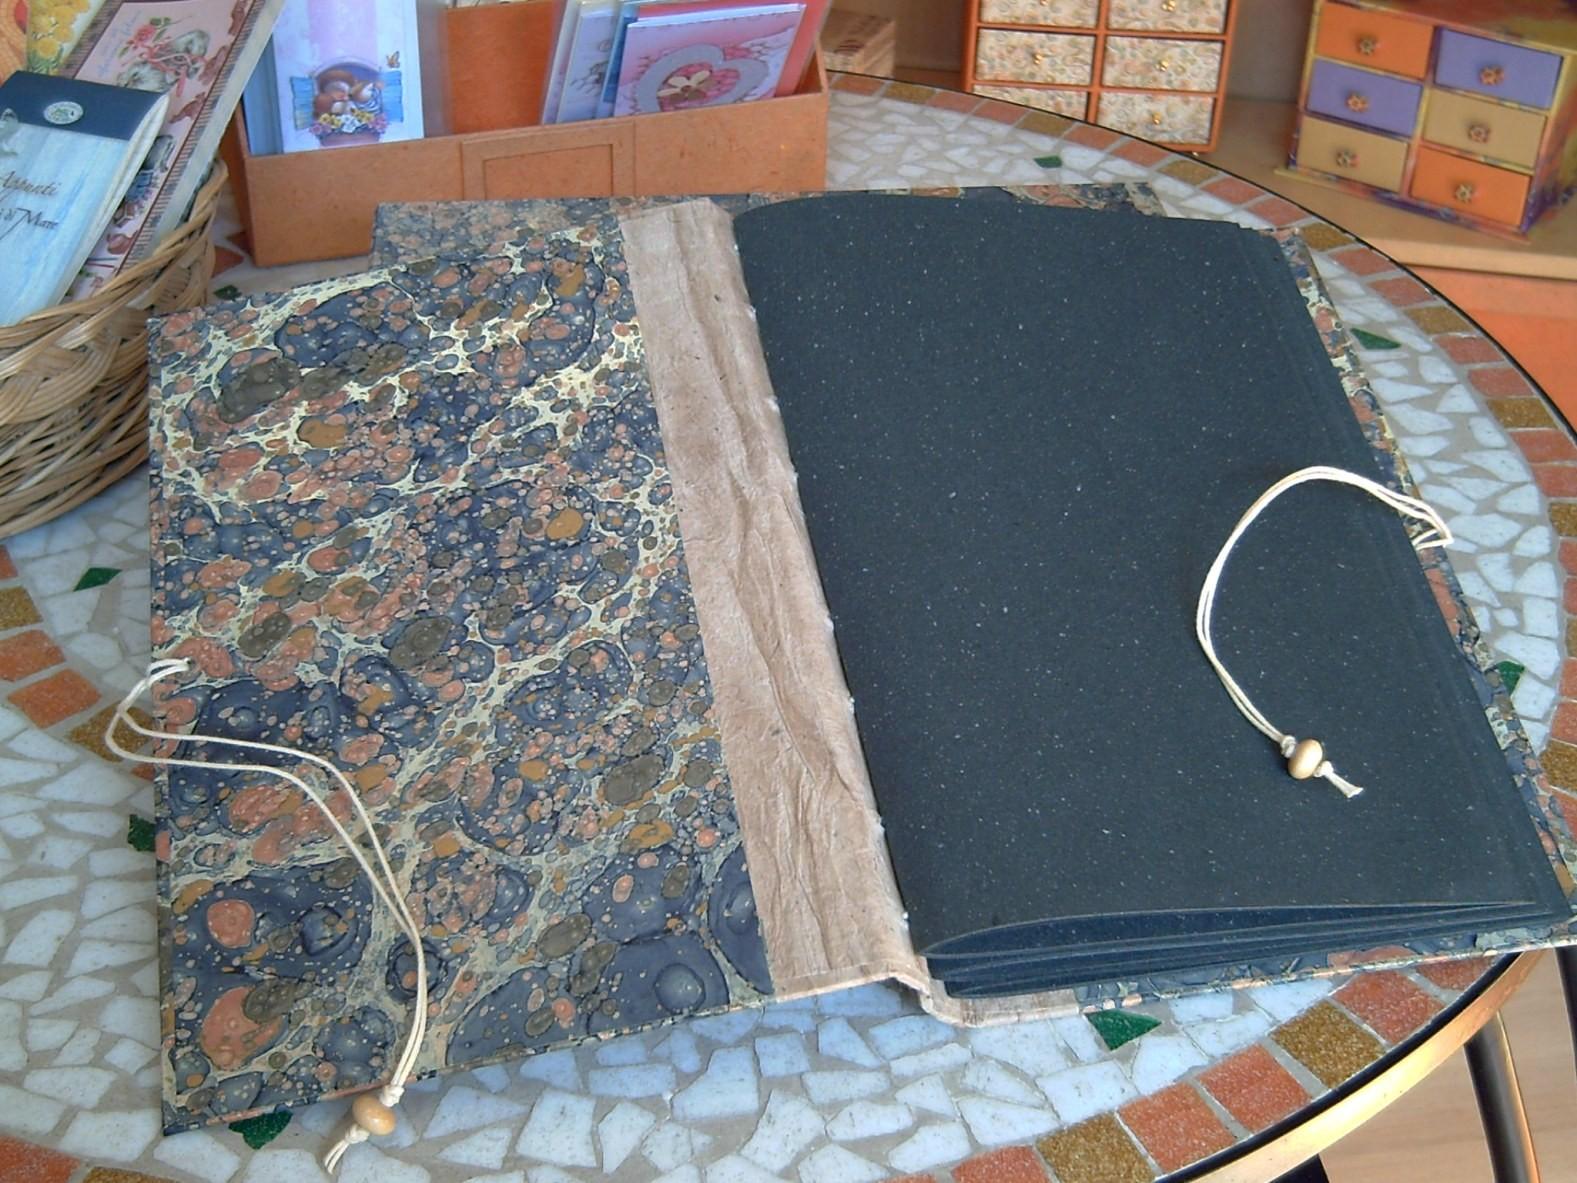 Album composto da tre fascicoli di cartoncino riciclato nero cuciti a vista sul dorso flessibile formato da liste di cartone